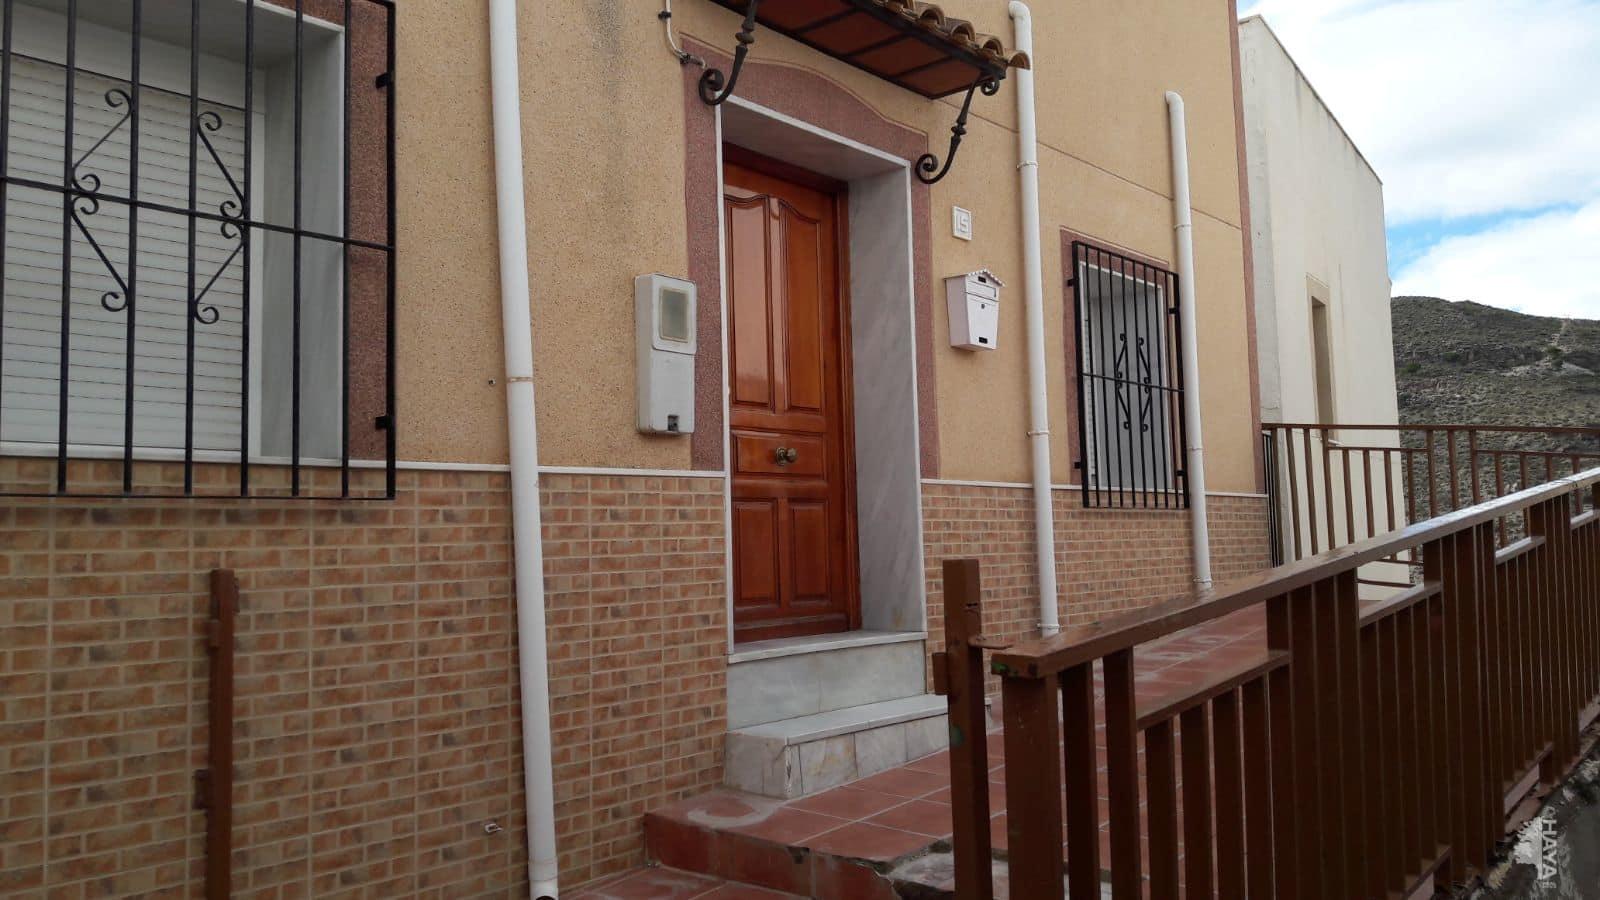 Casa en venta en Almería, Almería, Calle Jacinto Benavente, 130.500 €, 4 habitaciones, 2 baños, 83 m2